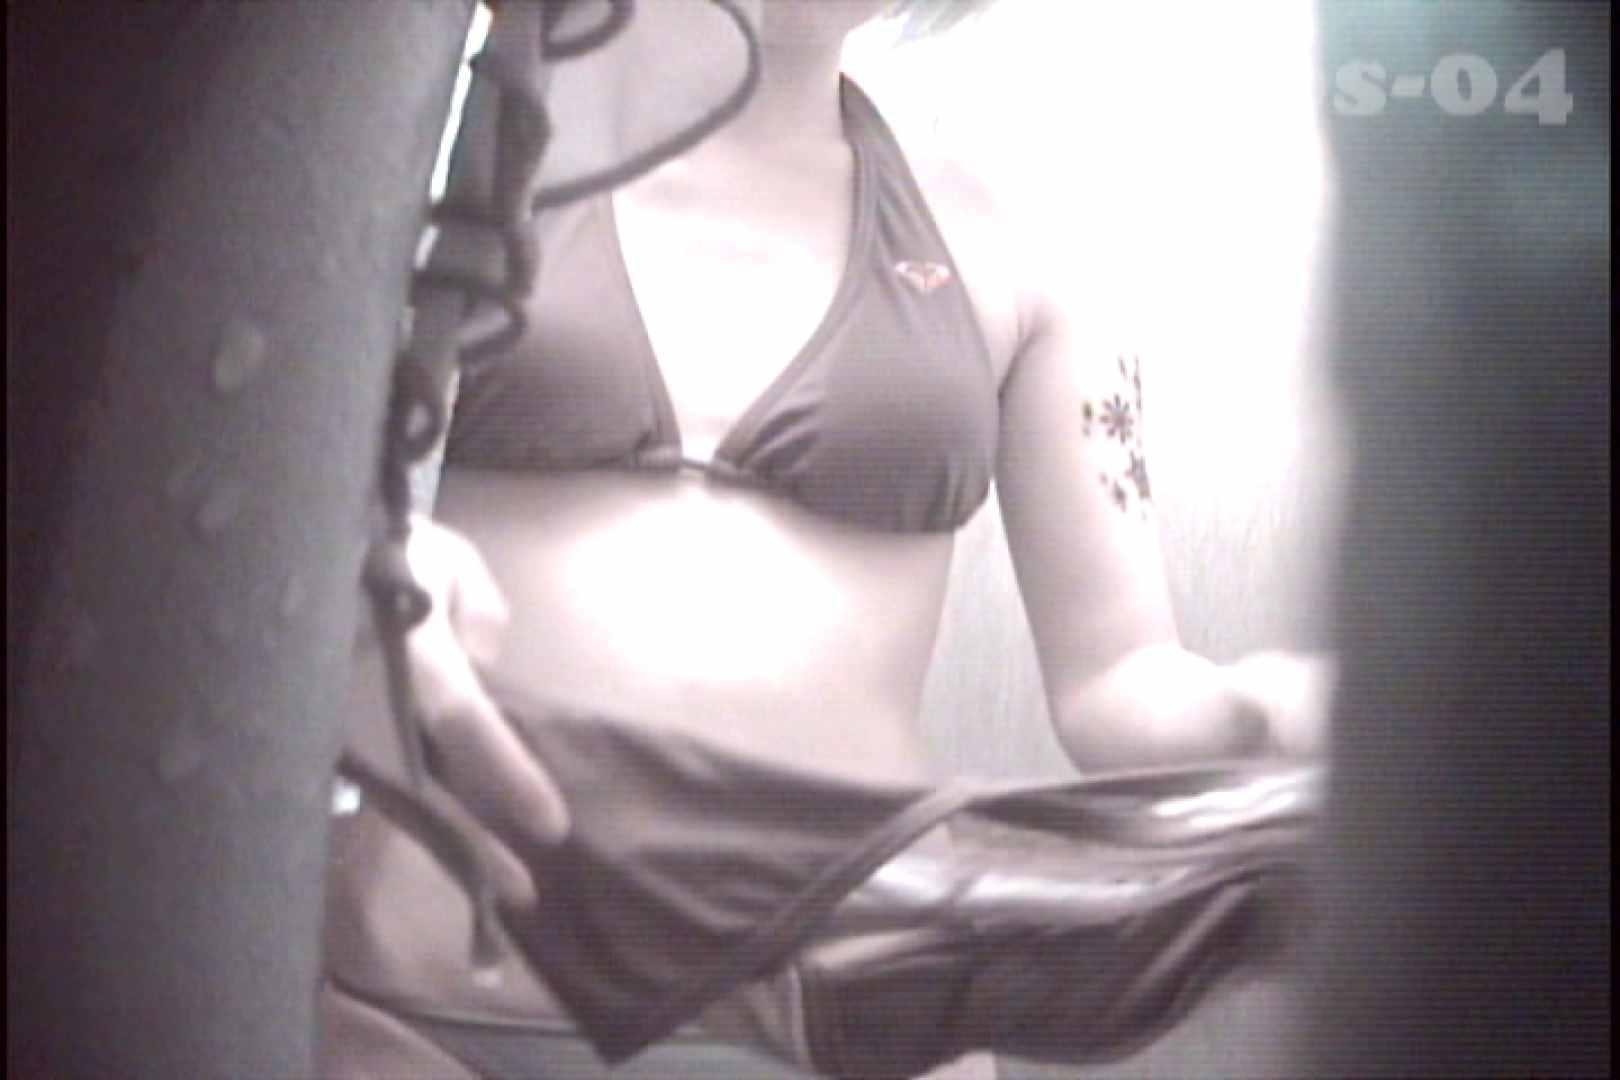 File.27 薄めの陰毛だからワレメがはっきりと! エロティックなOL おめこ無修正動画無料 80画像 72